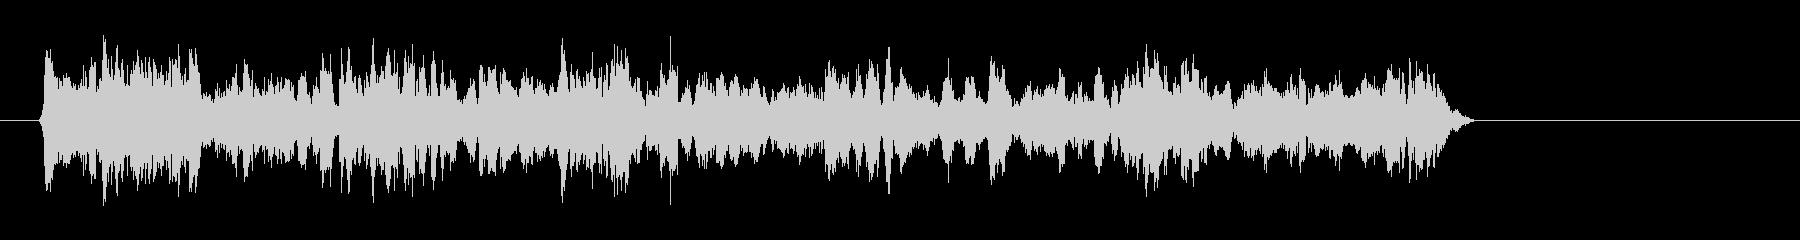 トランペット-ジャズソロの未再生の波形